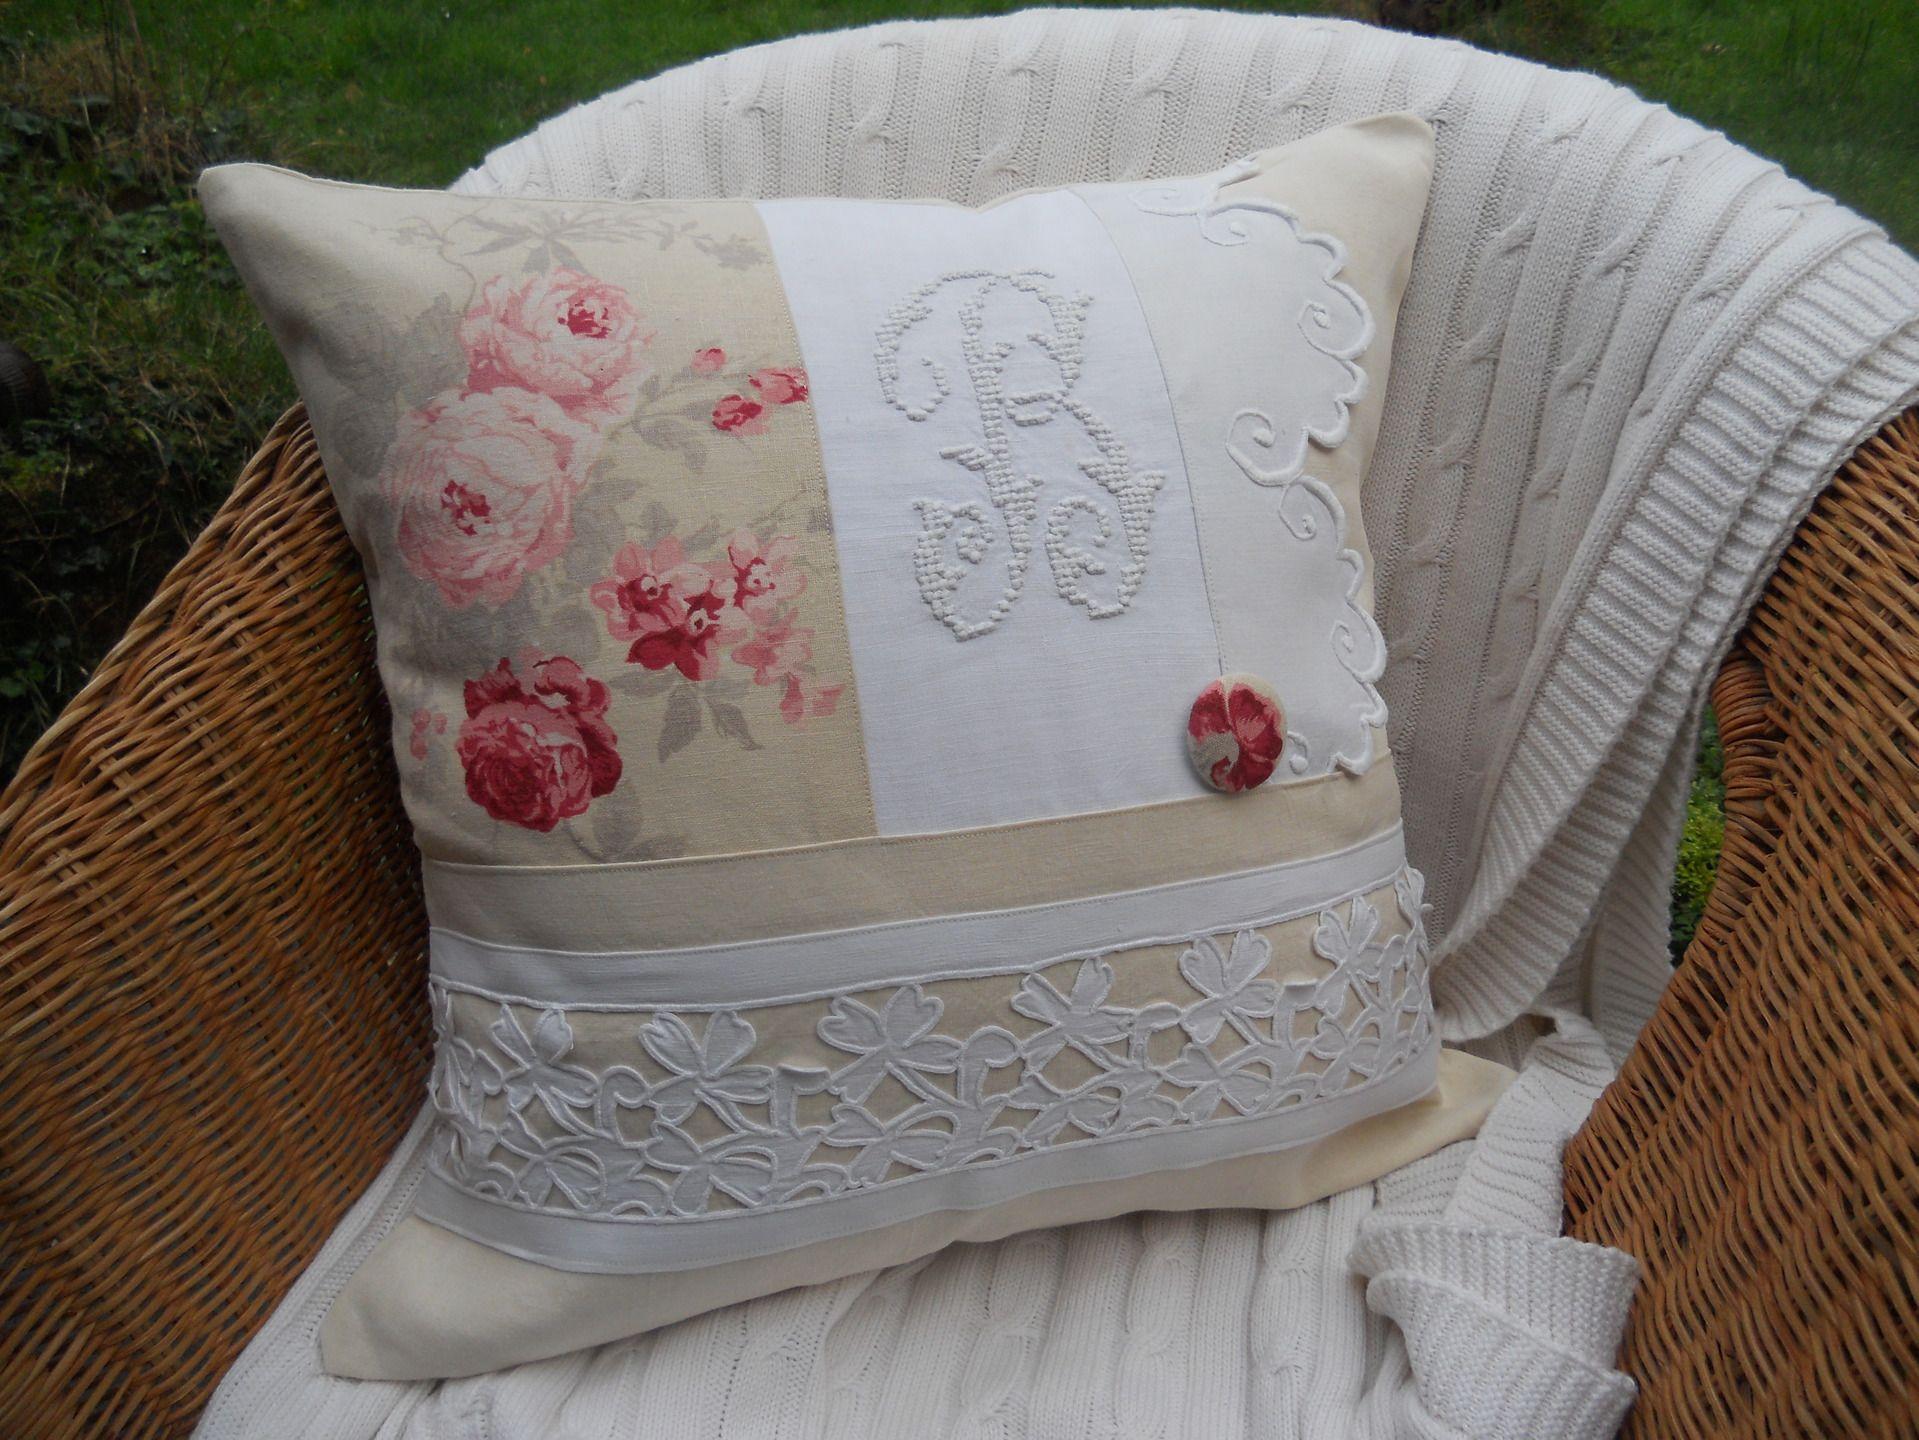 coussin d houssable beau monogramme b beau drap en lin. Black Bedroom Furniture Sets. Home Design Ideas